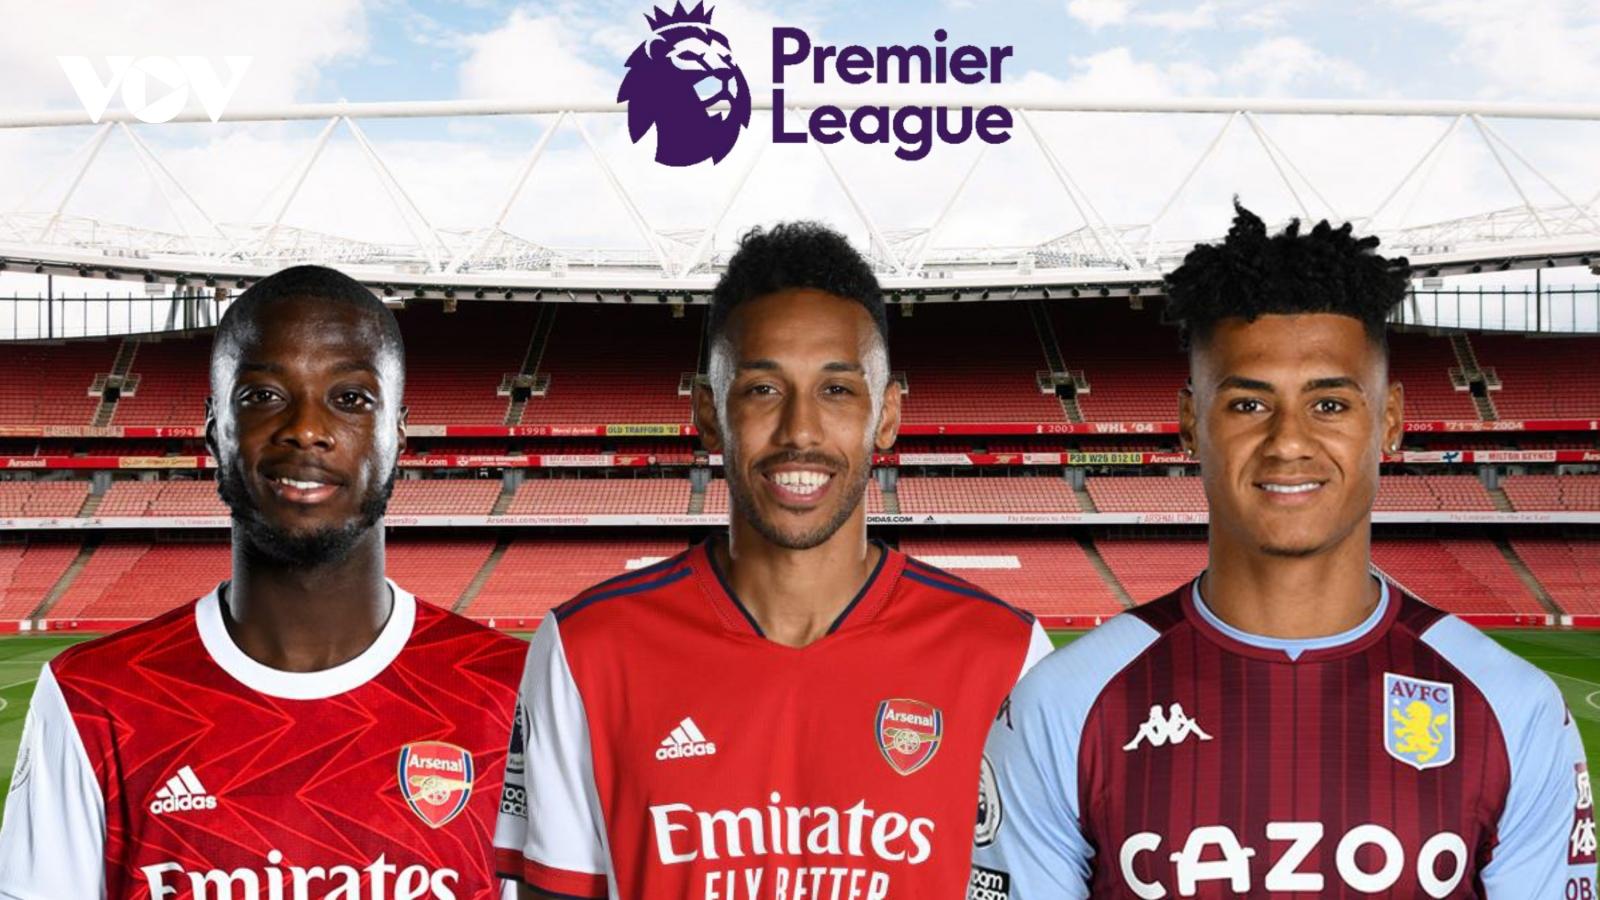 Dự đoán kết quả, đội hình xuất phát trận Arsenal - Aston Villa